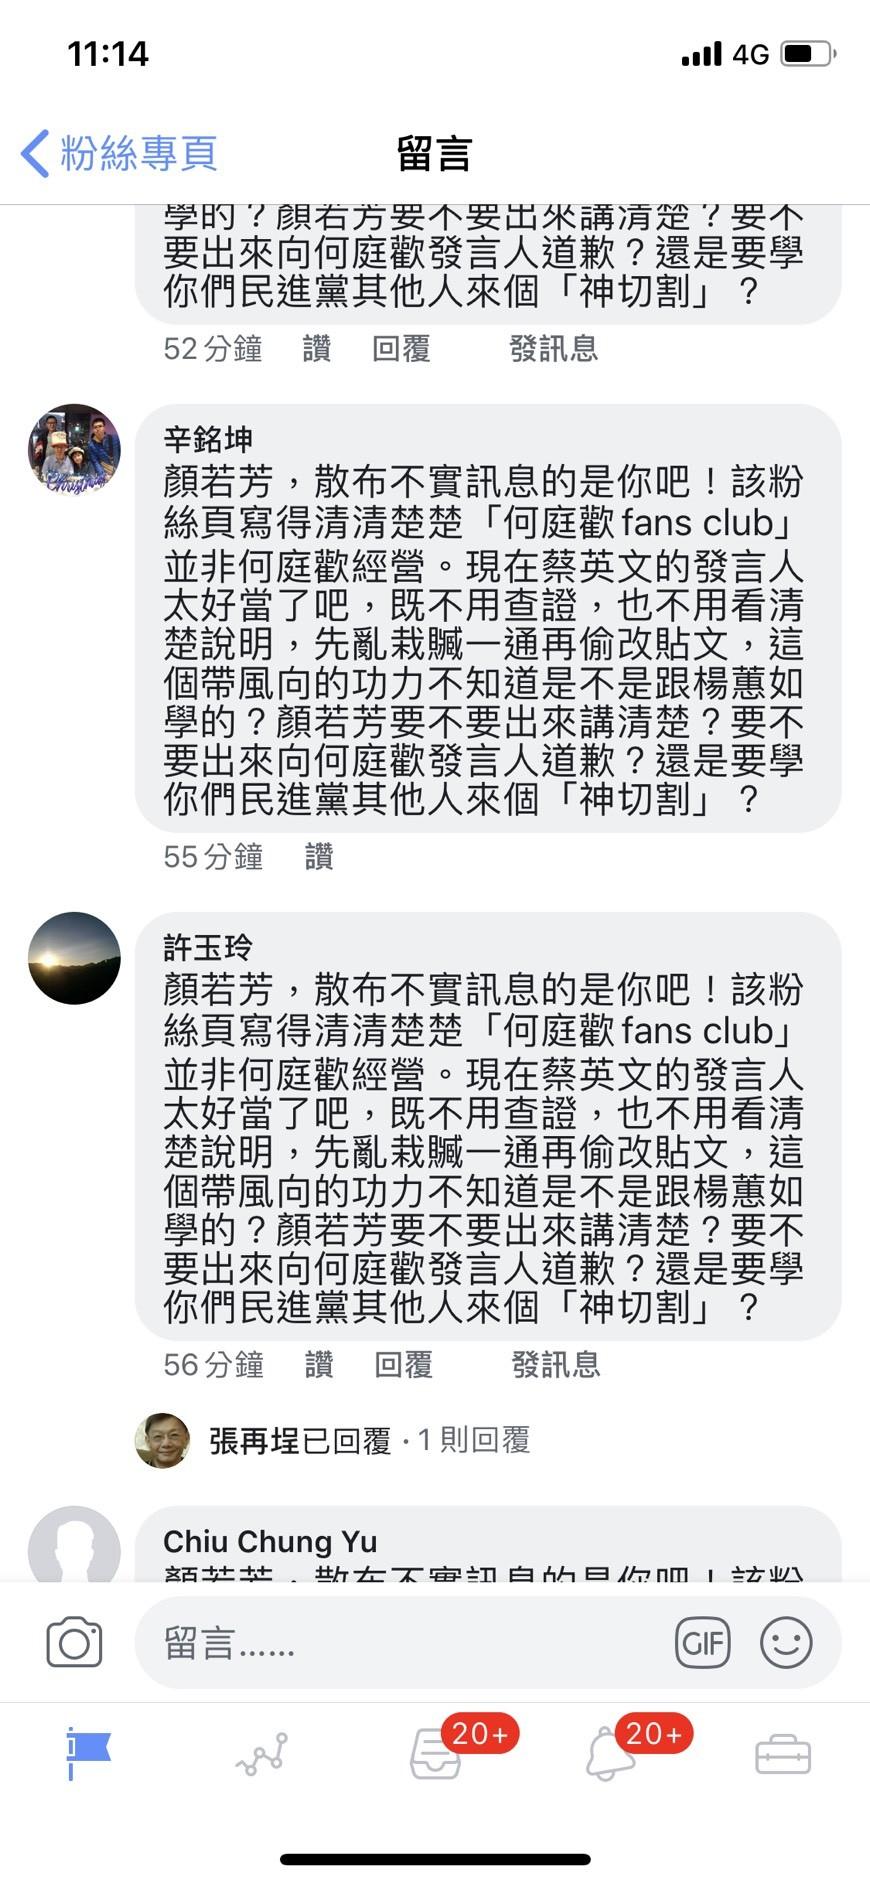 ▲▼顏若芳遭到韓粉網路洗版攻擊。(圖/翻攝顏若芳臉書)